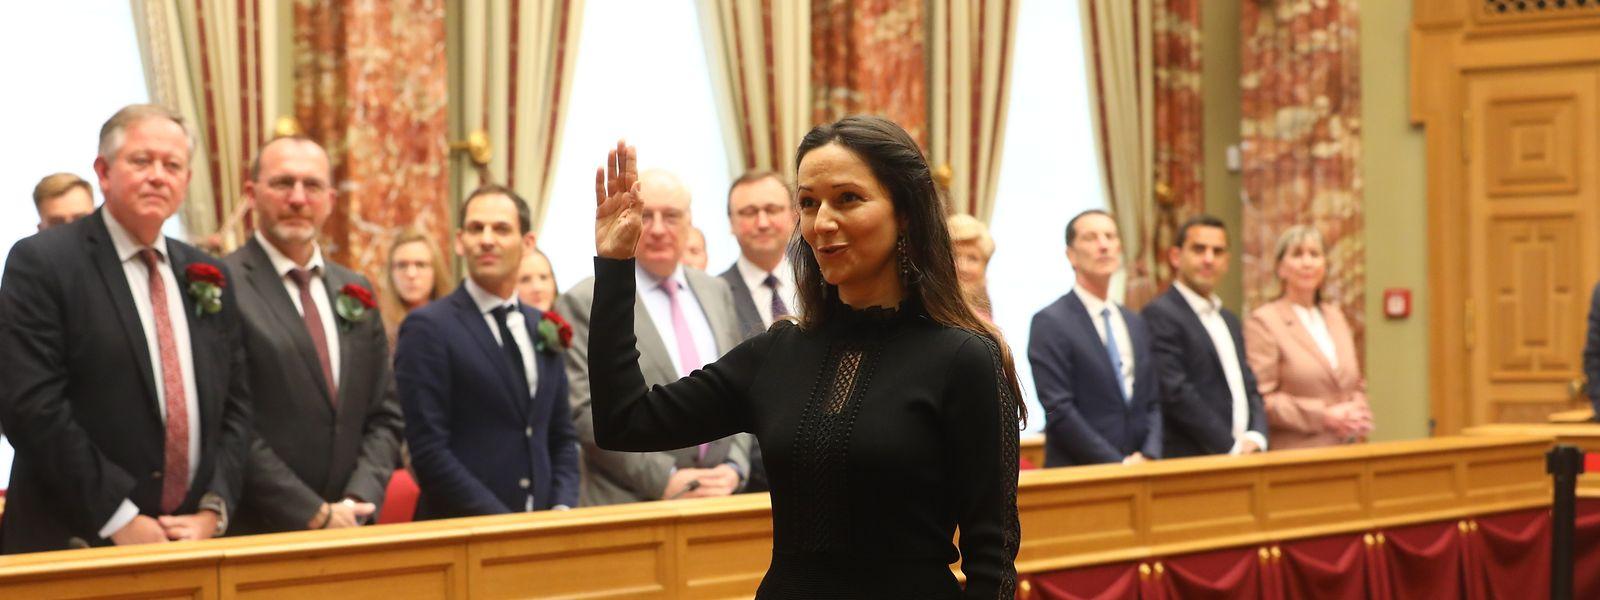 La nouvelle députée Déi Gréng a prêté serment ce mardi après-midi.